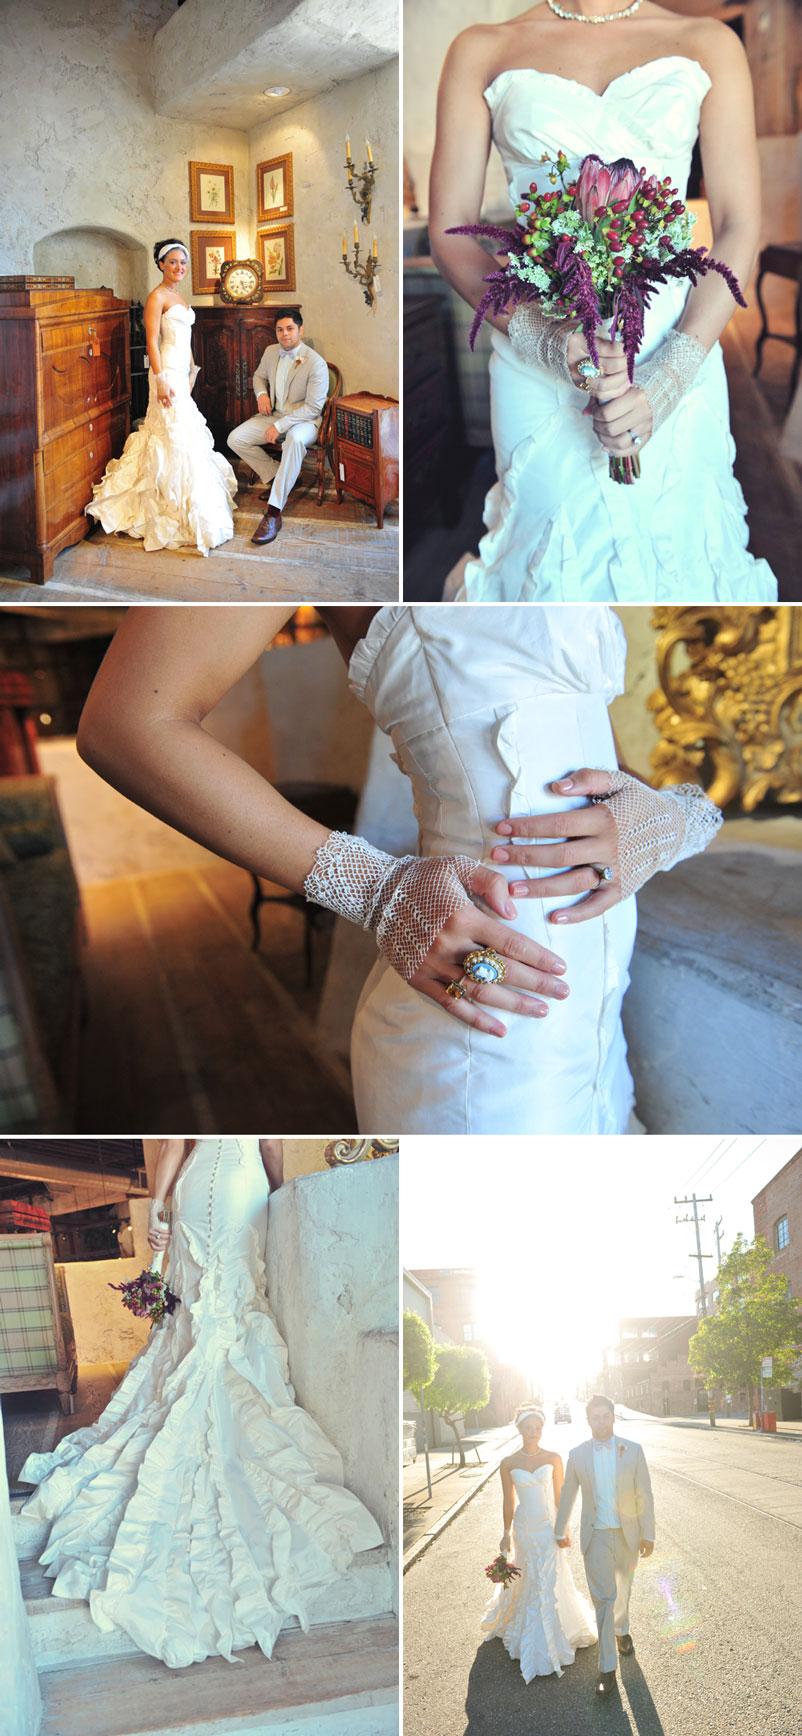 wedding portraits, illinois wedding photography, artistic wedding photography, aurora illinois, aurora illinois wedding photographer